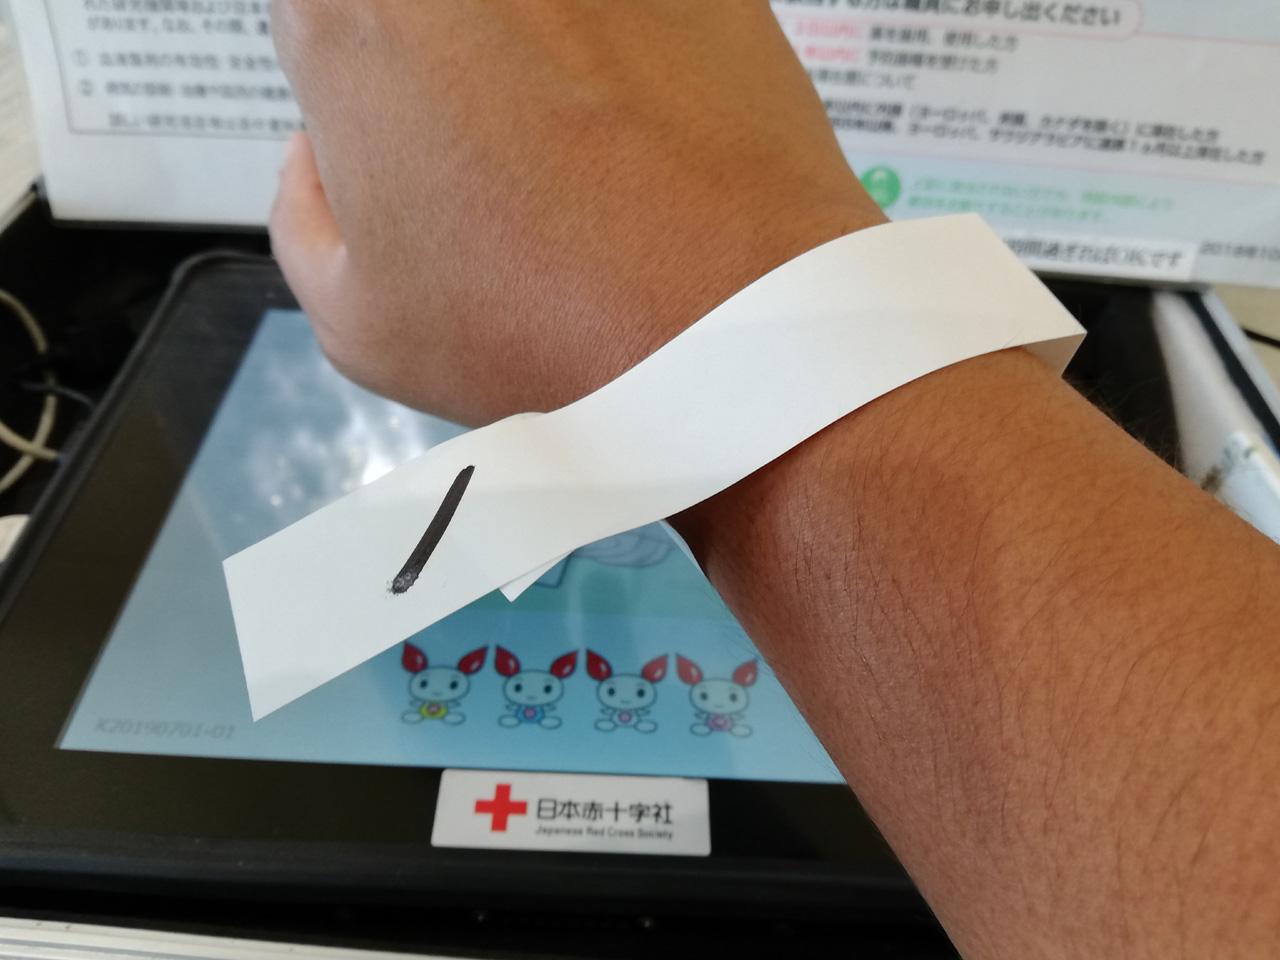 献血の順番のリストバンド